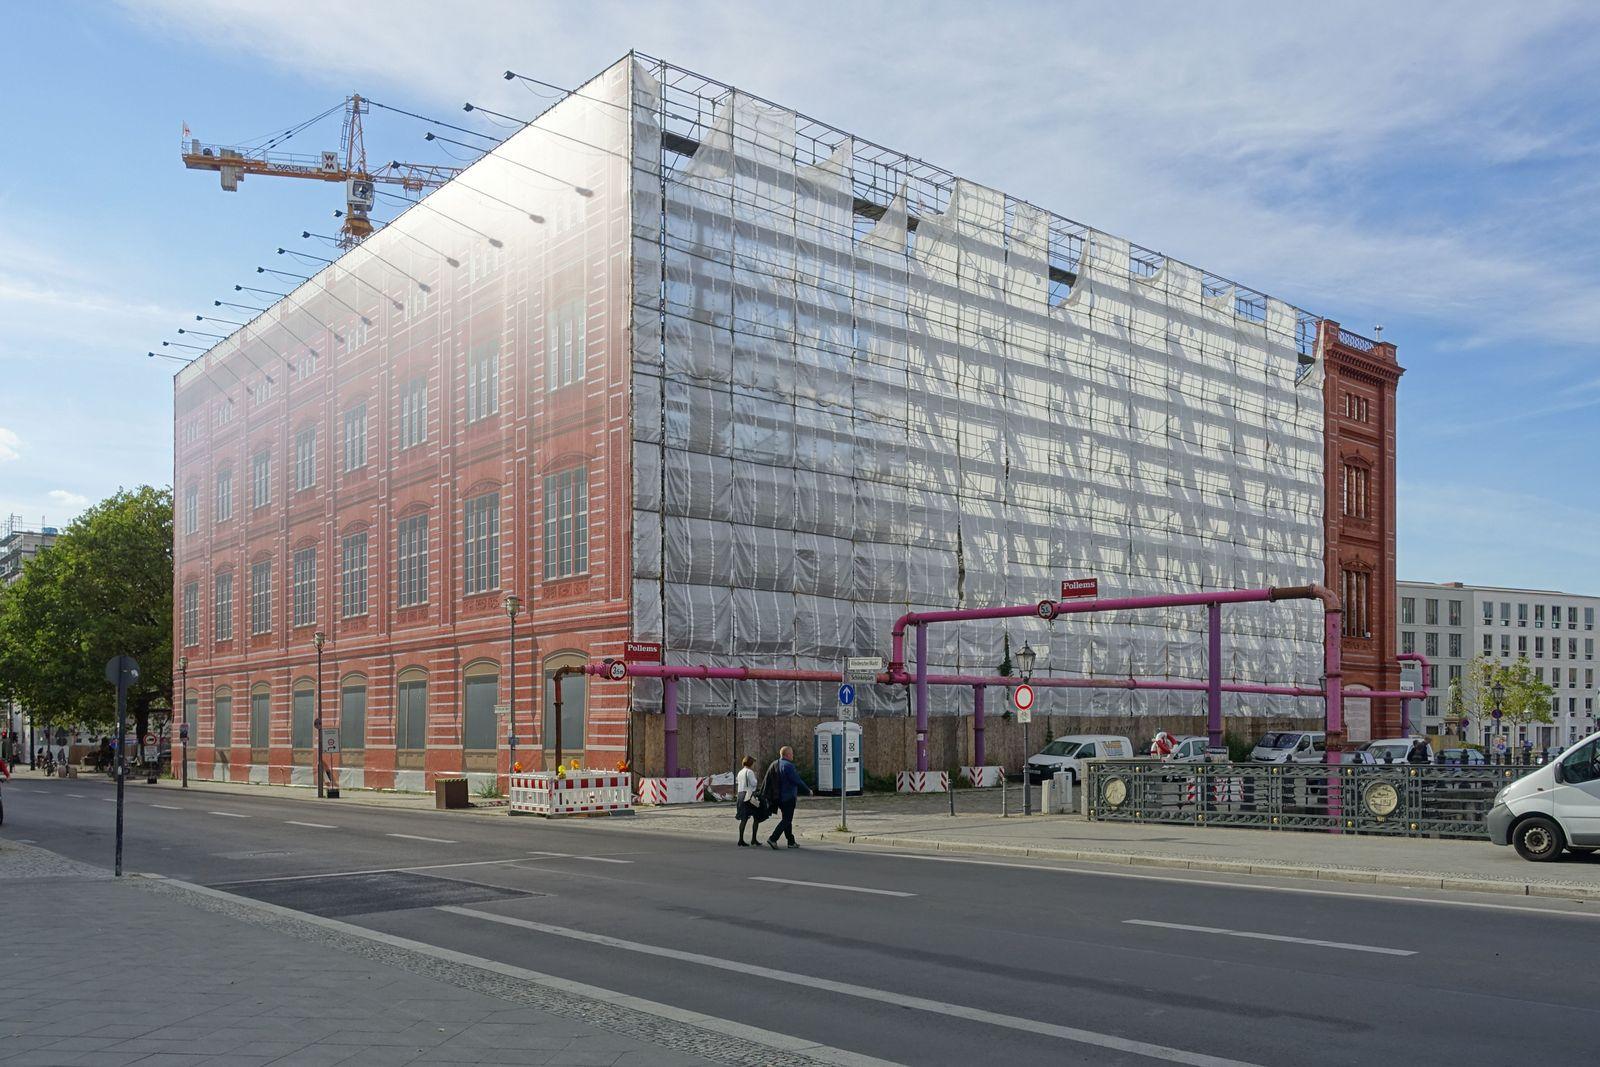 Berliner Bauakademie bzw. später Schinkelsche Bauakademie bezeichnet eine Lehranstalt des Bauwesens in Berlin, wie auch